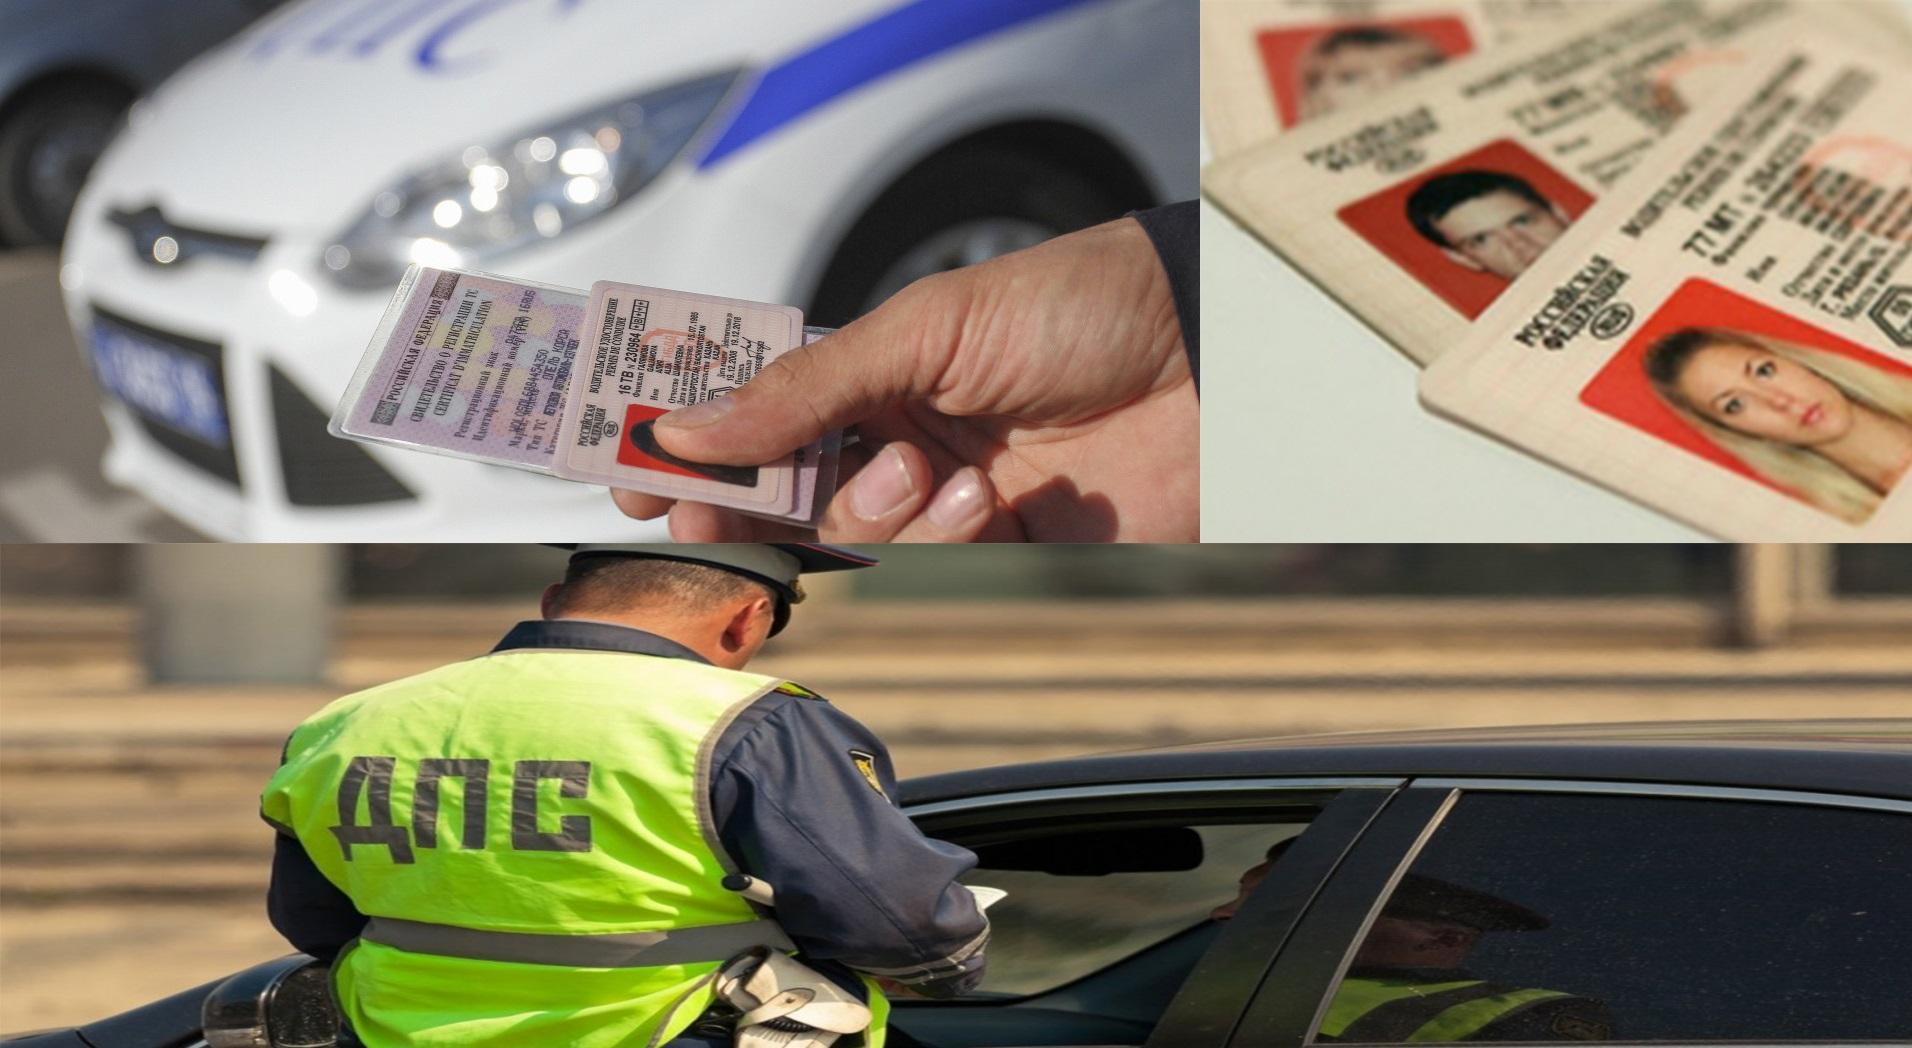 поддерживаемый наказание лишение права управления автомобилем замерла узкой